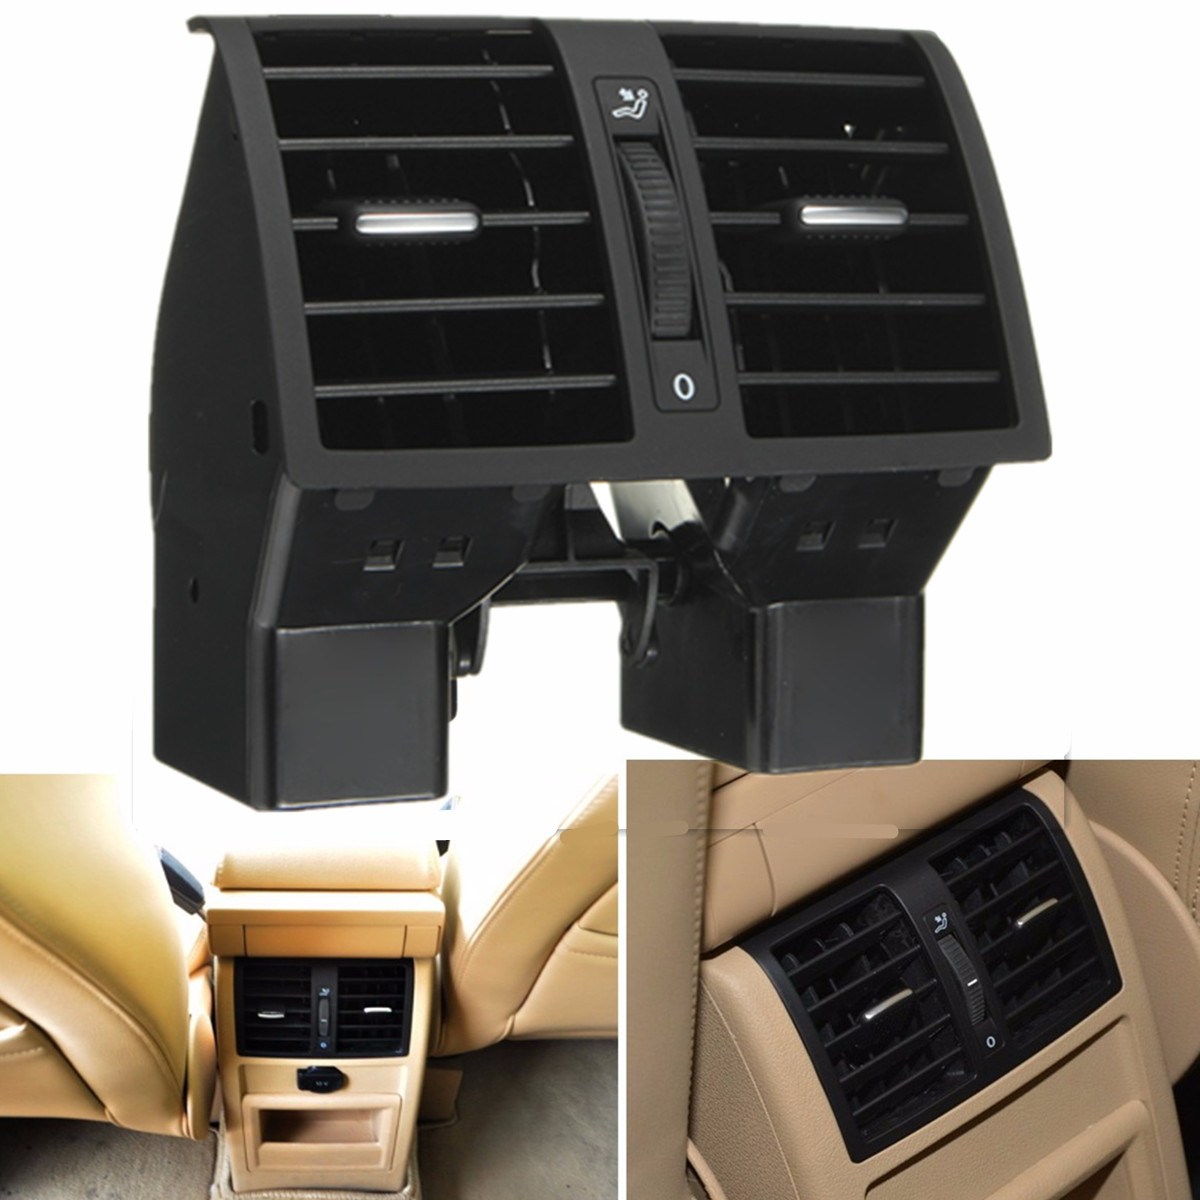 Centre Console Arrière AC Climatisation Outlet Vent 1T0819203 1TD819203A 1TD819203B Pour VW Touran 2003-2015 Caddy 2004- 2015